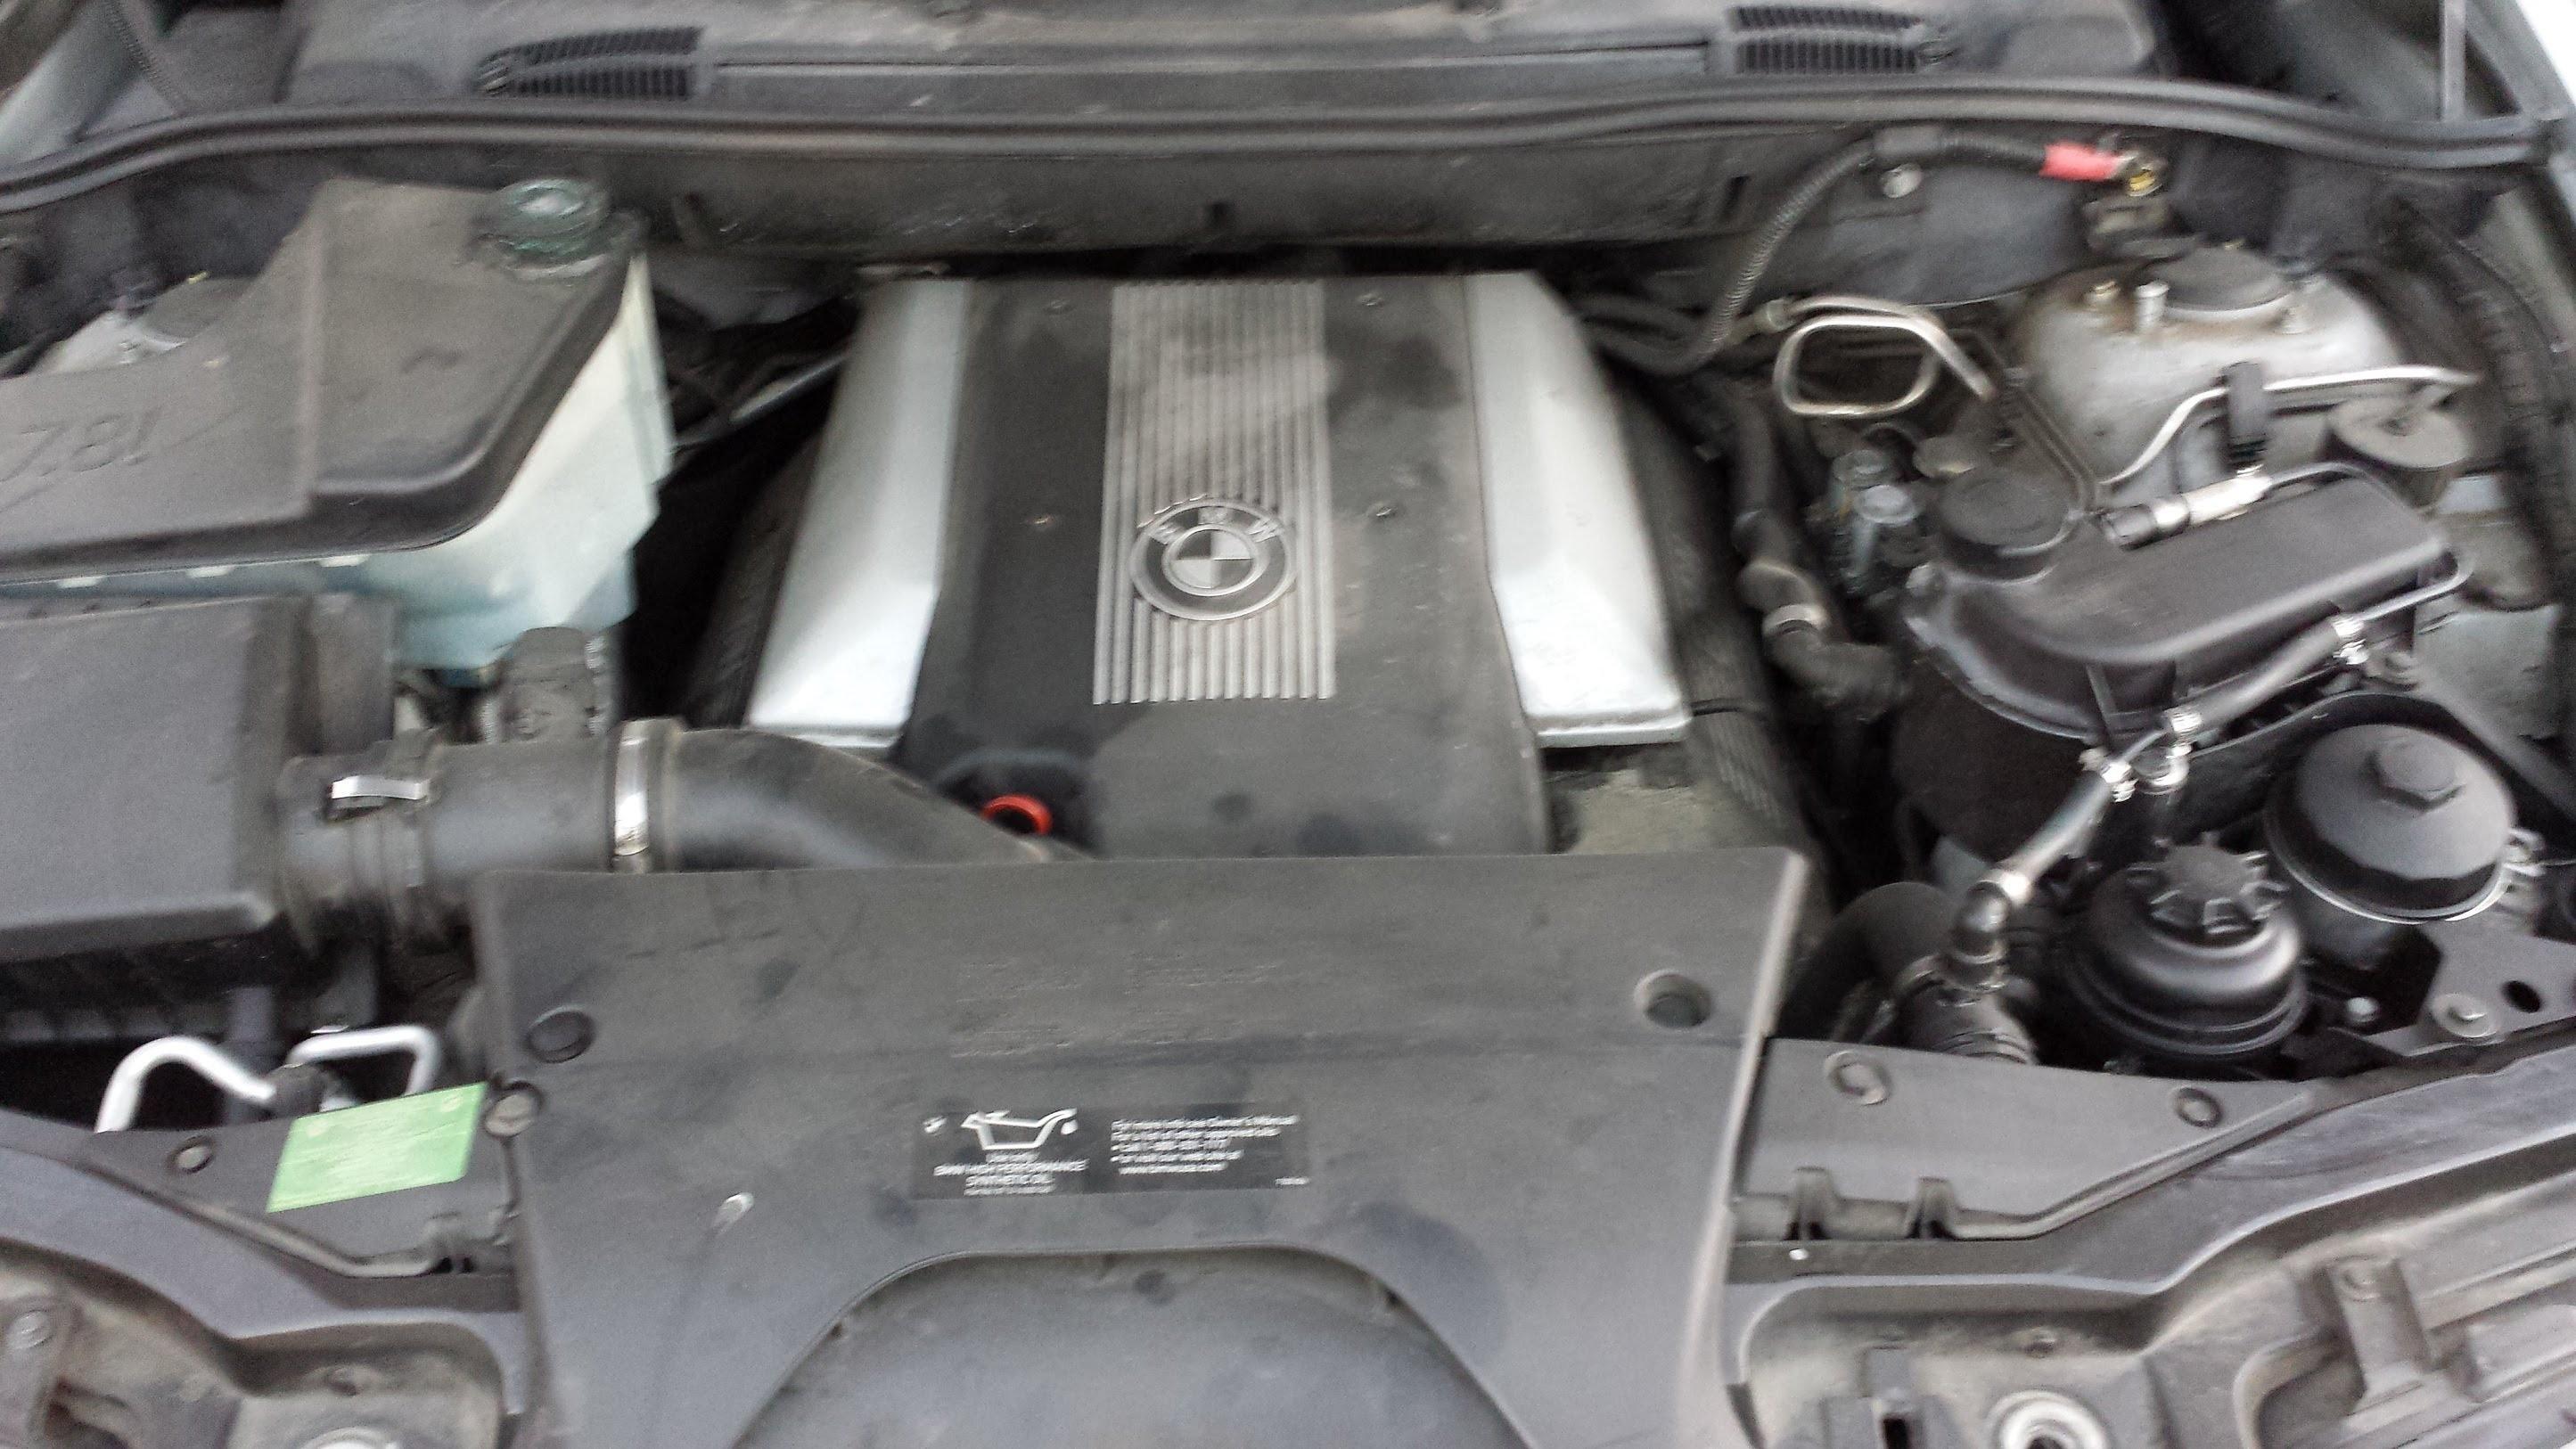 Bmw 745i Engine Diagram Bmw E53 X5 4 4 Vanos Engine Diagram Of Bmw 745i Engine Diagram Engine Wiring Bmw Engine Wiring Harness Diagram E Diagrams